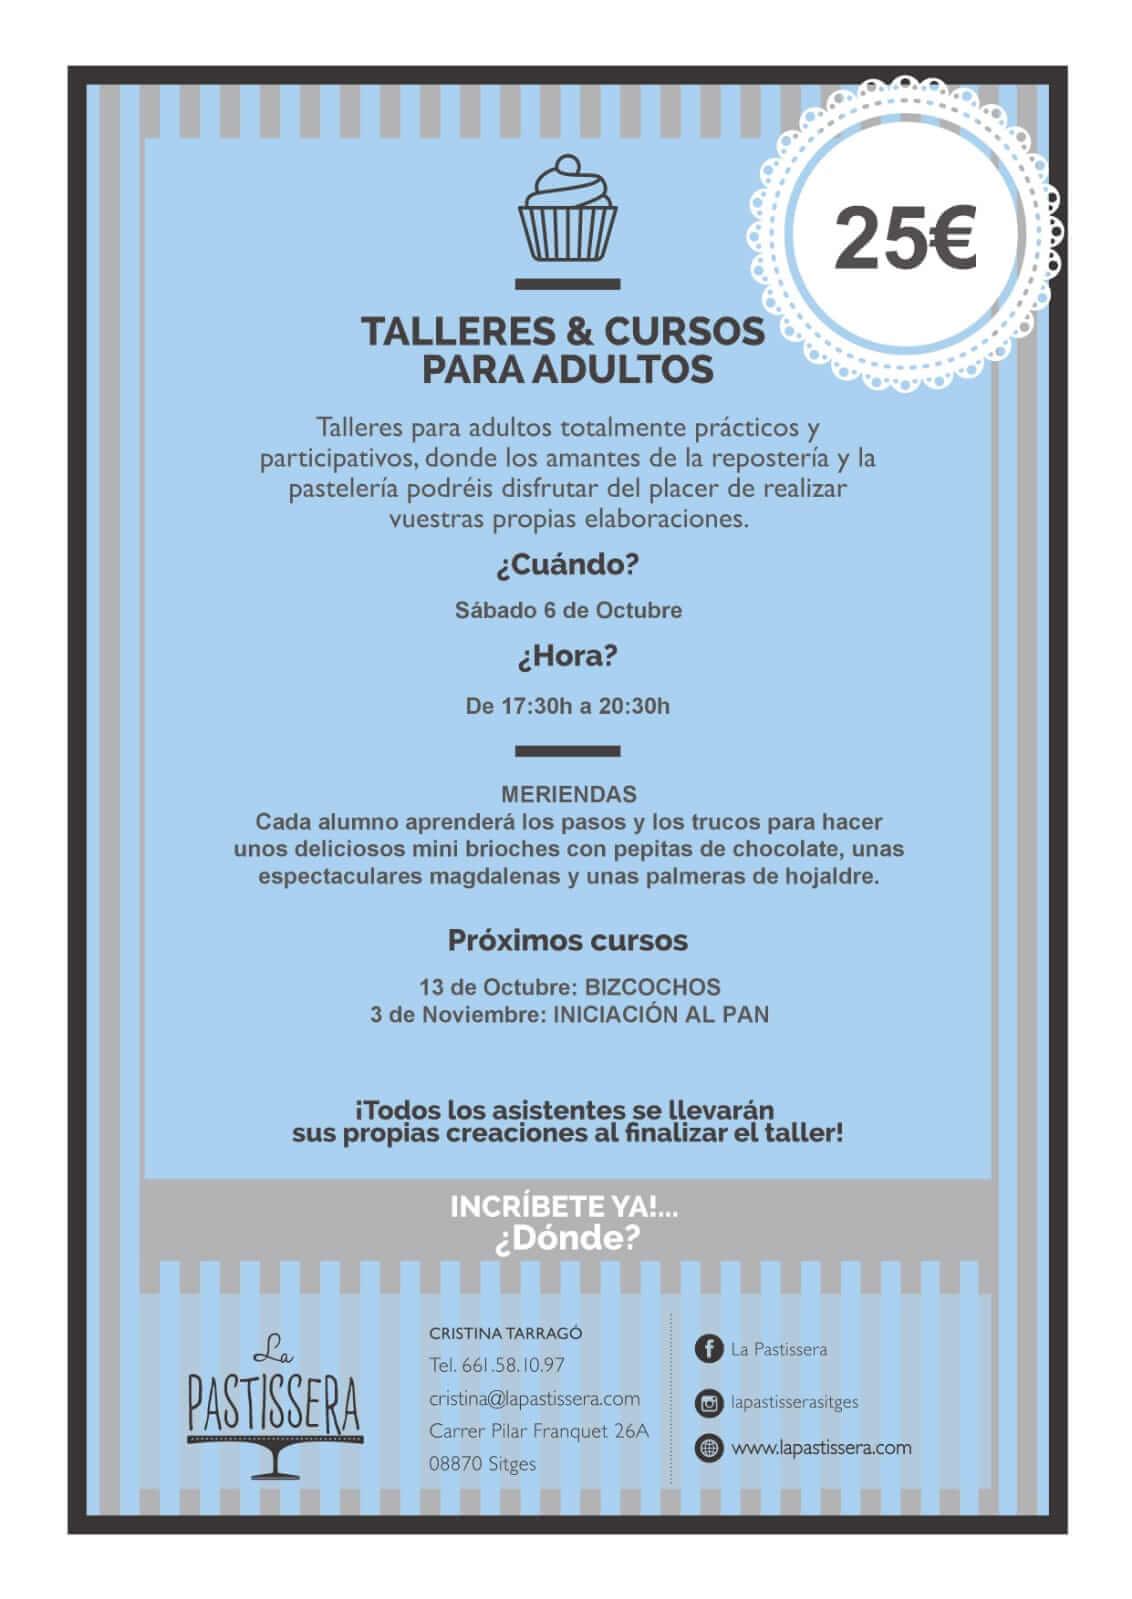 Este Octubre y Noviembre…vuelven nuestros cursos de pastelería para adultos en Sitges !! cursos totalmente prácticos y 100% participativos.